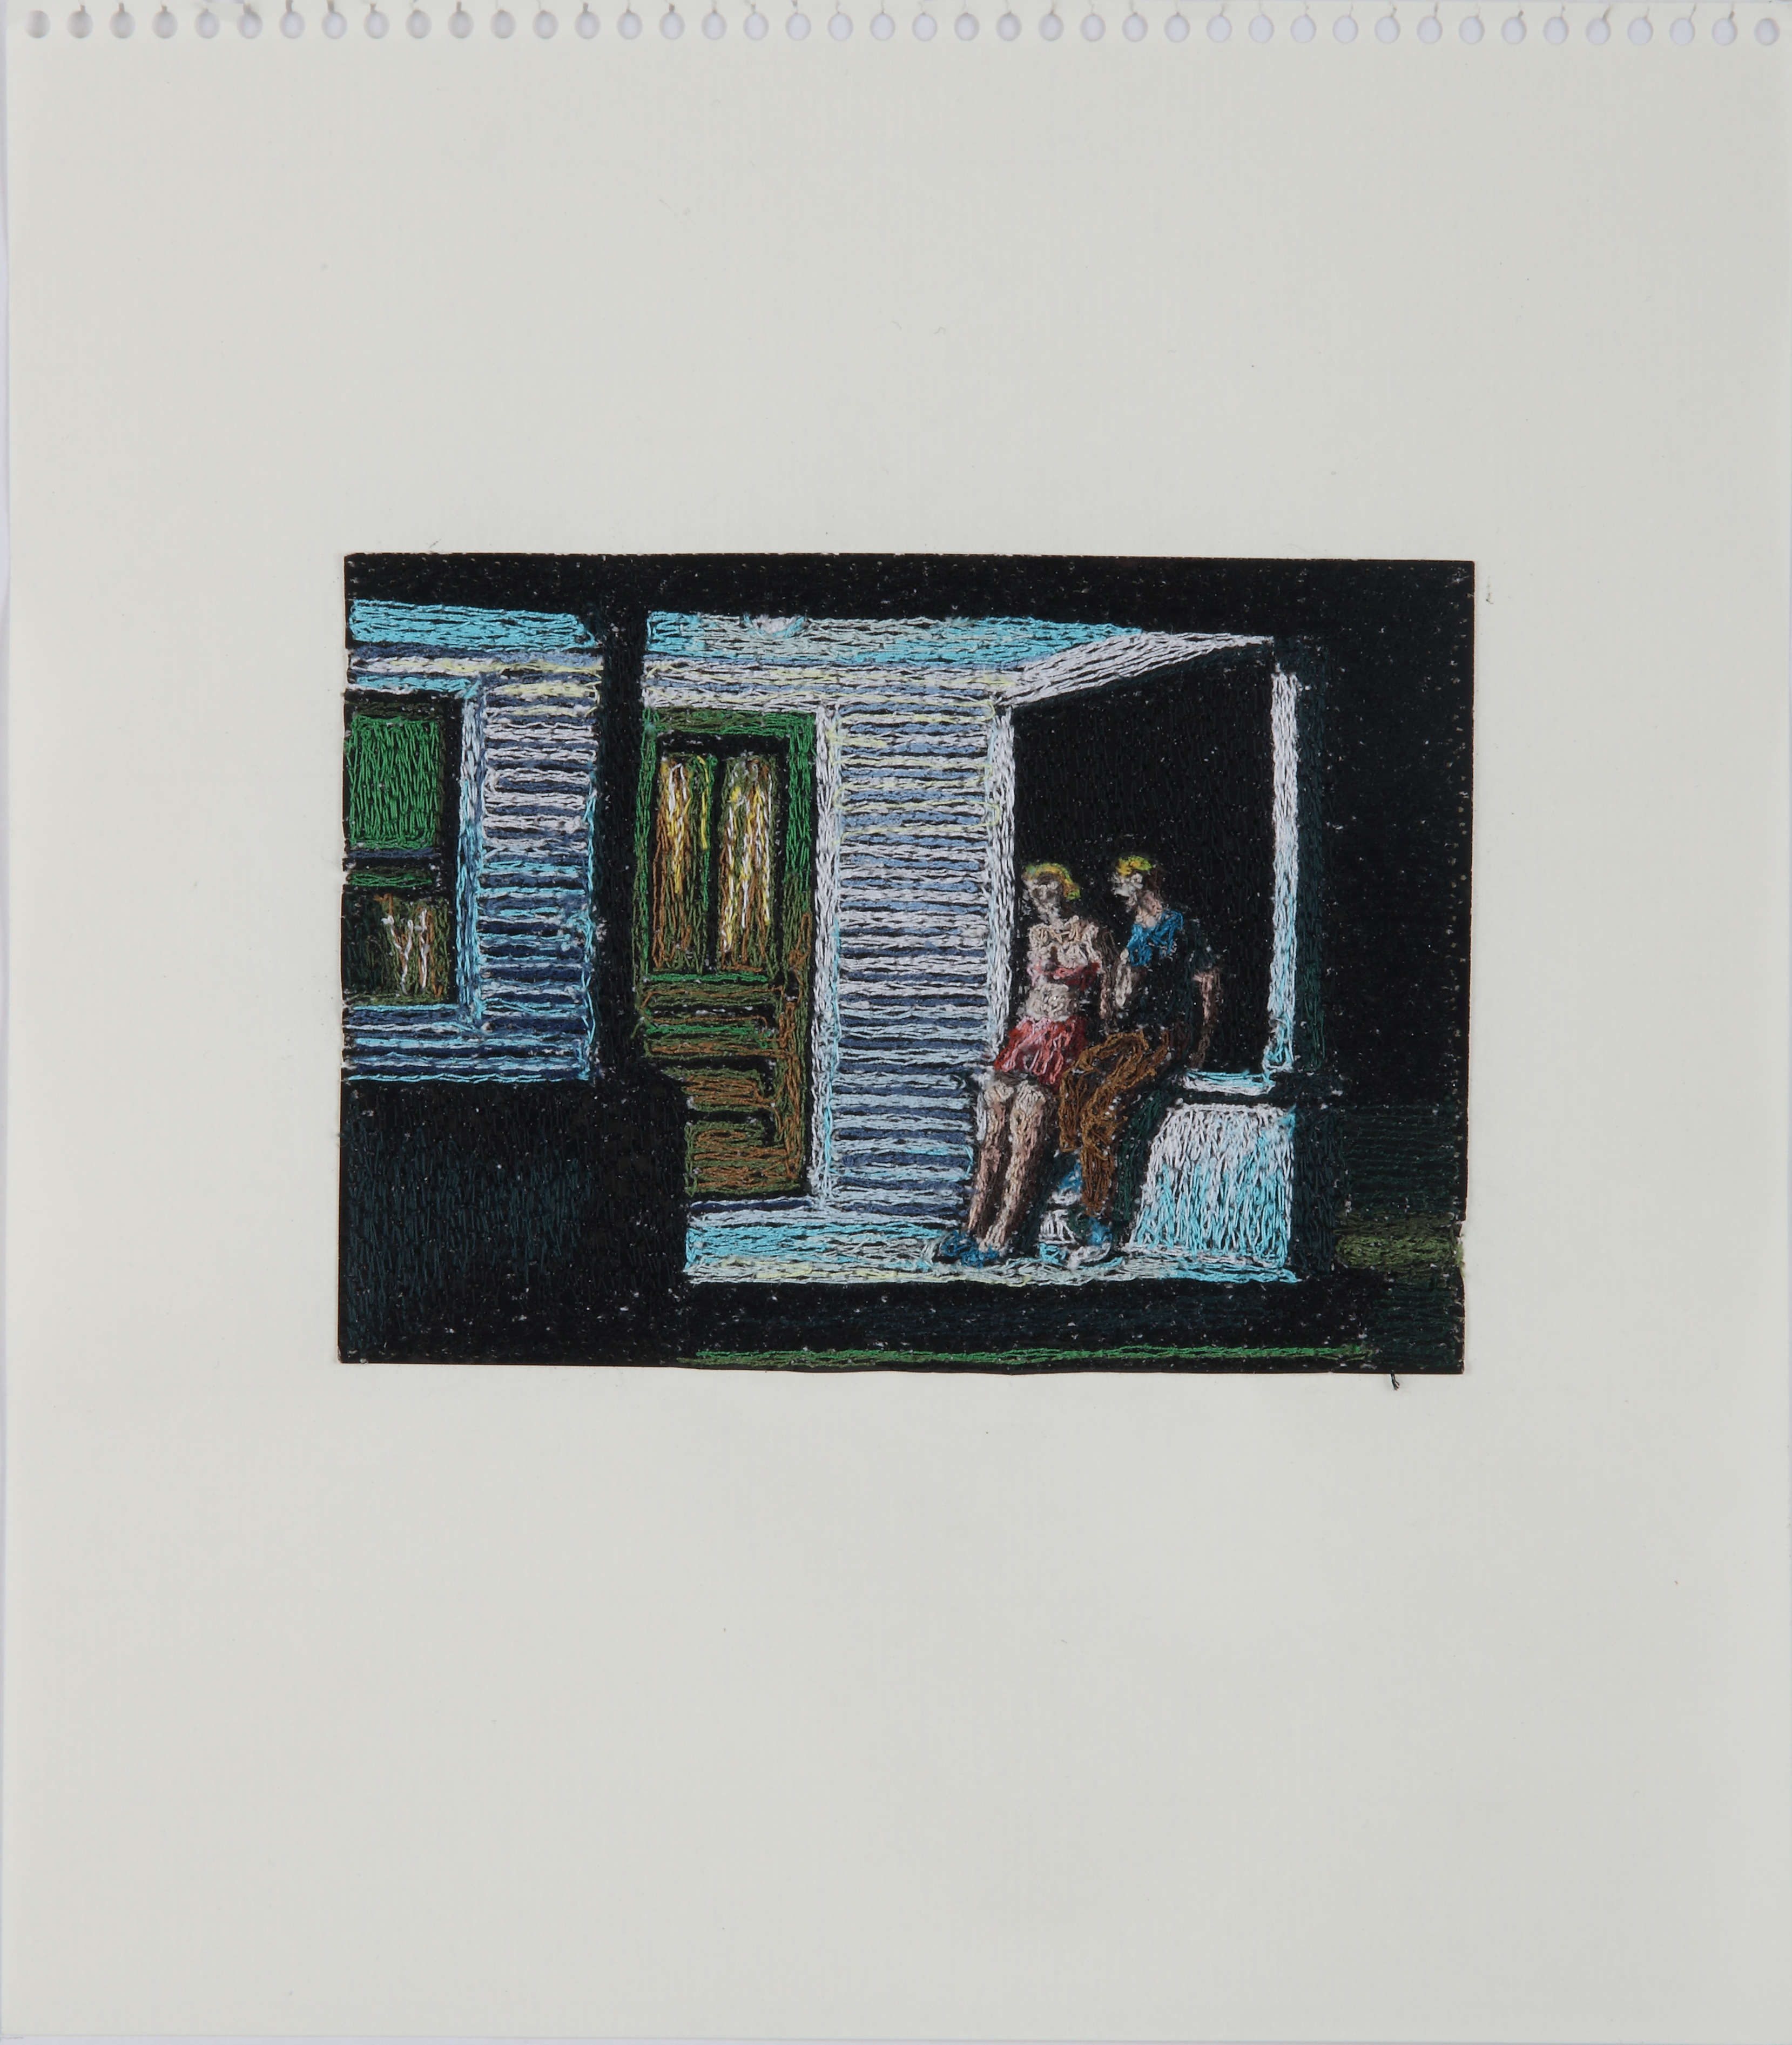 青山悟「About Painting / エドワード・ホッパー」2014-2015、紙にポリエステル糸で刺繍、©AOYAMA SATORU courtesy of Mizuma Art Gallery, Tokyo